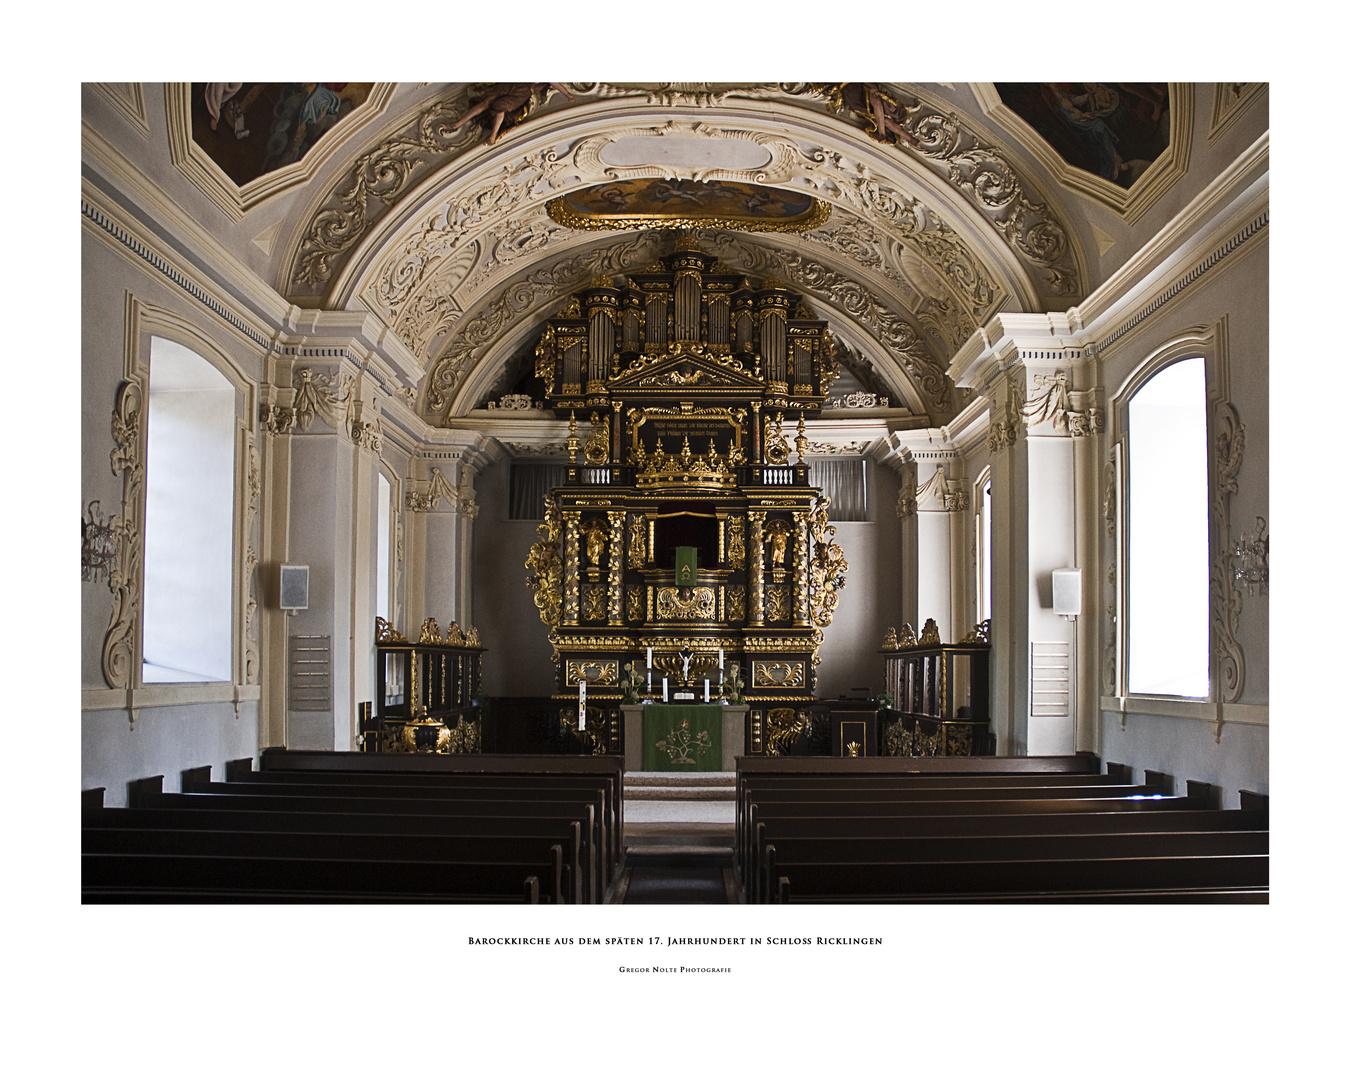 Barockkirche aus dem späten 17. Jahrhundert in Schloß Ricklingen